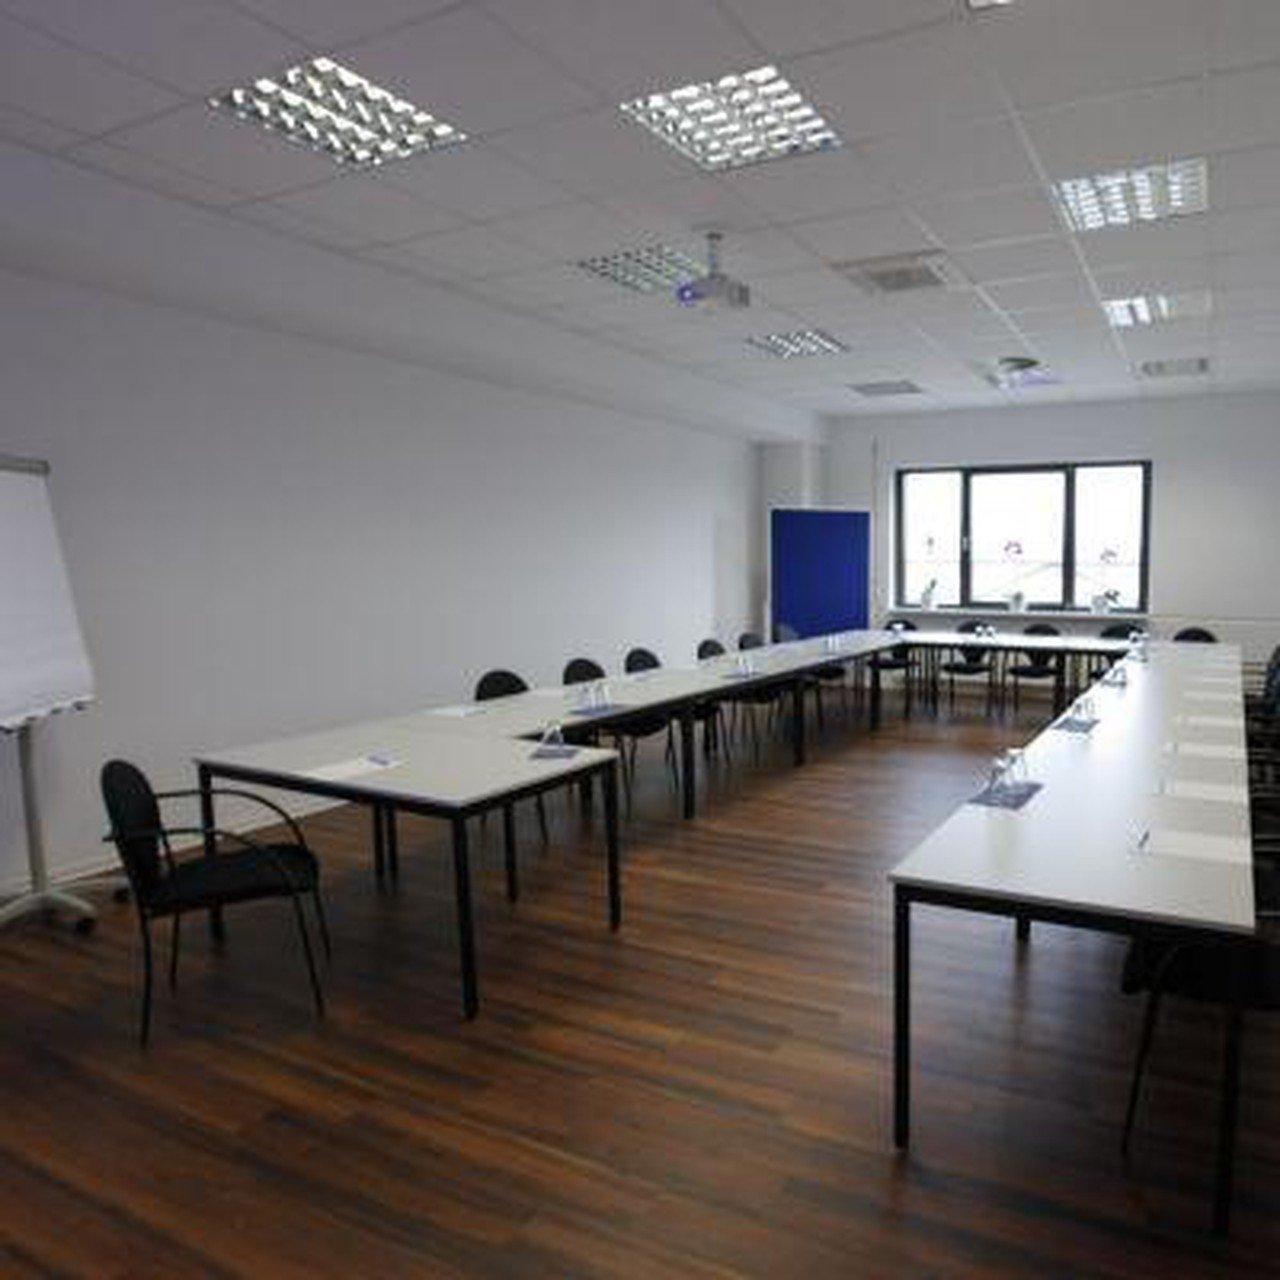 Düsseldorf Schulungsräume Lieu industriel Studieninstitut für Kommunikation GmbH (Raum 1) image 1